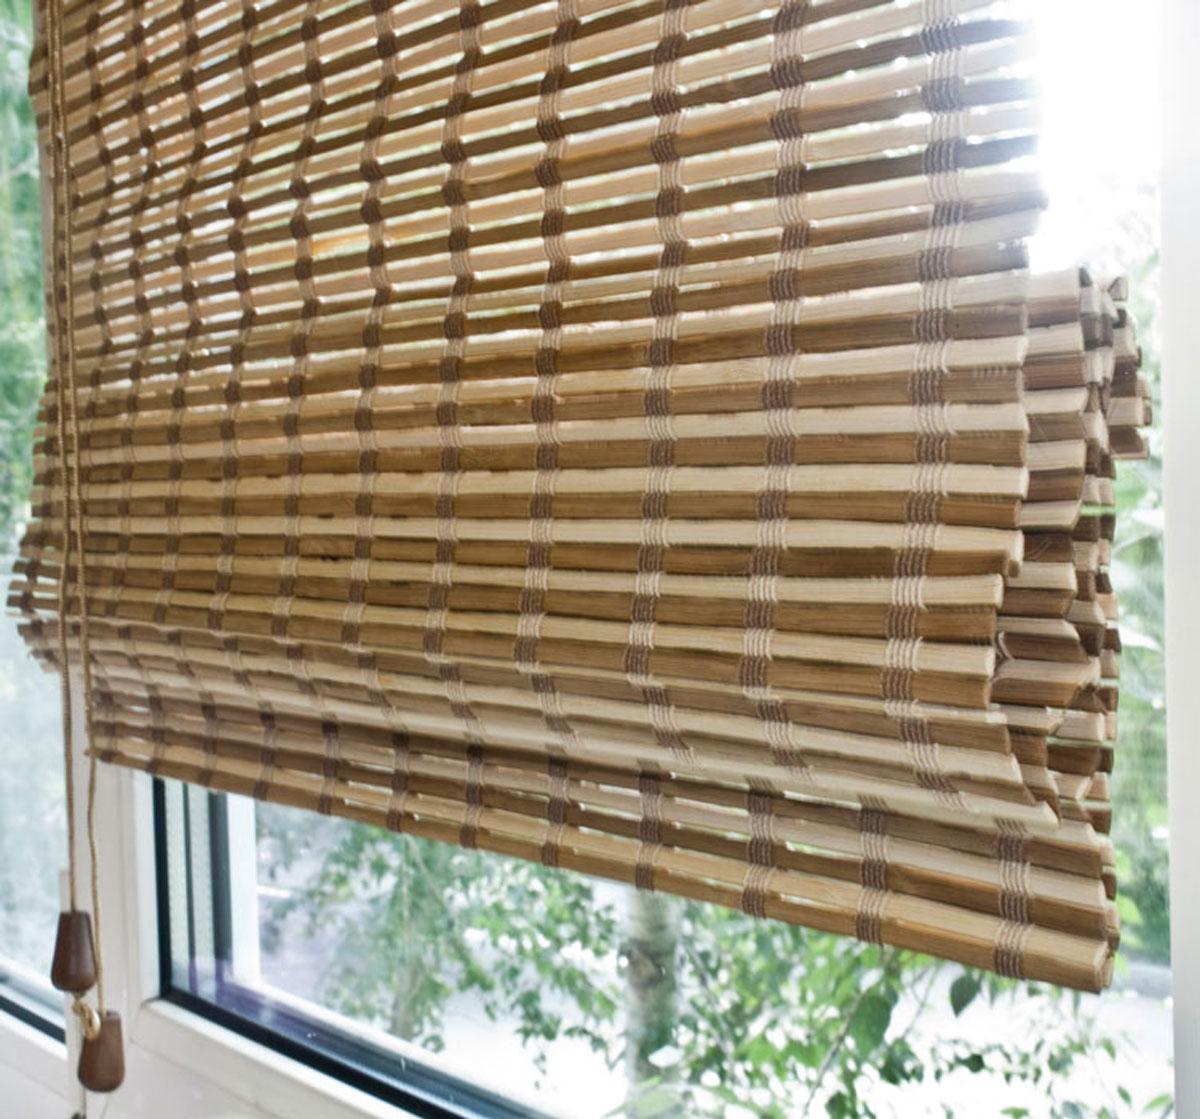 Римская штора Эскар 160х160 см, бамбуковая, цвет: микс72959160160Римская штора Эскар, выполненная из натурального бамбука, является оригинальным современным аксессуаром для создания необычного интерьера в восточном или минималистичном стиле. Римская бамбуковая штора, как и тканевая римская штора, при поднятии образует крупные складки, которые прекрасно декорируют окно. Особенность устройства полотна позволяет свободно пропускать дневной свет, что обеспечивает мягкое освещение комнаты. Римская штора из натурального влагоустойчивого материала легко вписывается в любой интерьер, хорошо сочетается с различной мебелью и элементами отделки. Использование бамбукового полотна придает помещению необычный вид и визуально расширяет пространство. Бамбуковые шторы требуют только сухого ухода: пылесосом, щеткой, веником или влажной (но не мокрой!) губкой. Комплект для монтажа прилагается.